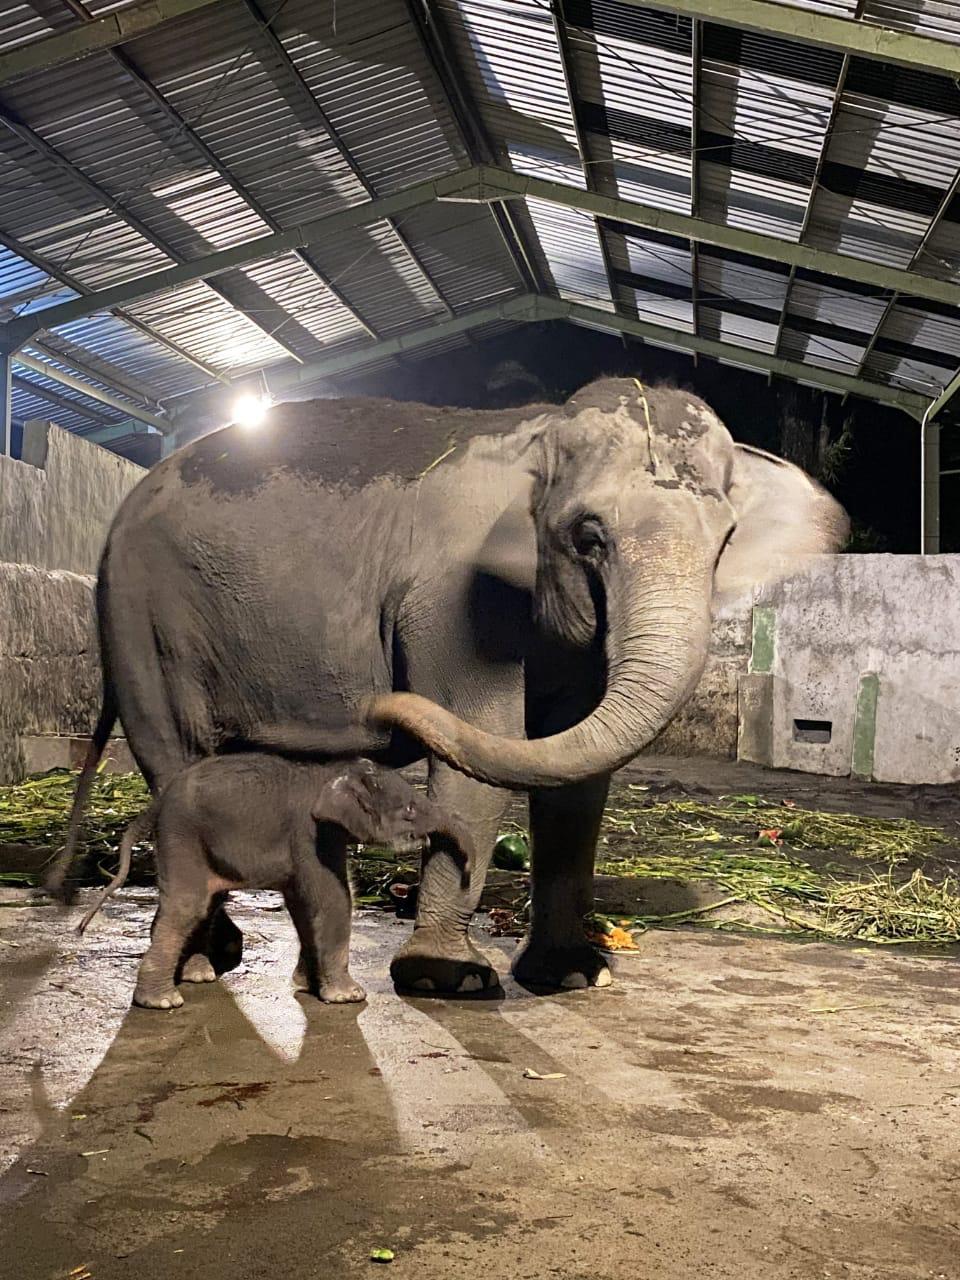 Dampak Covid-19, Menteri LHK : Kelola Kebun Binatang Harus Tahu Satwa dan Manejemen Usaha